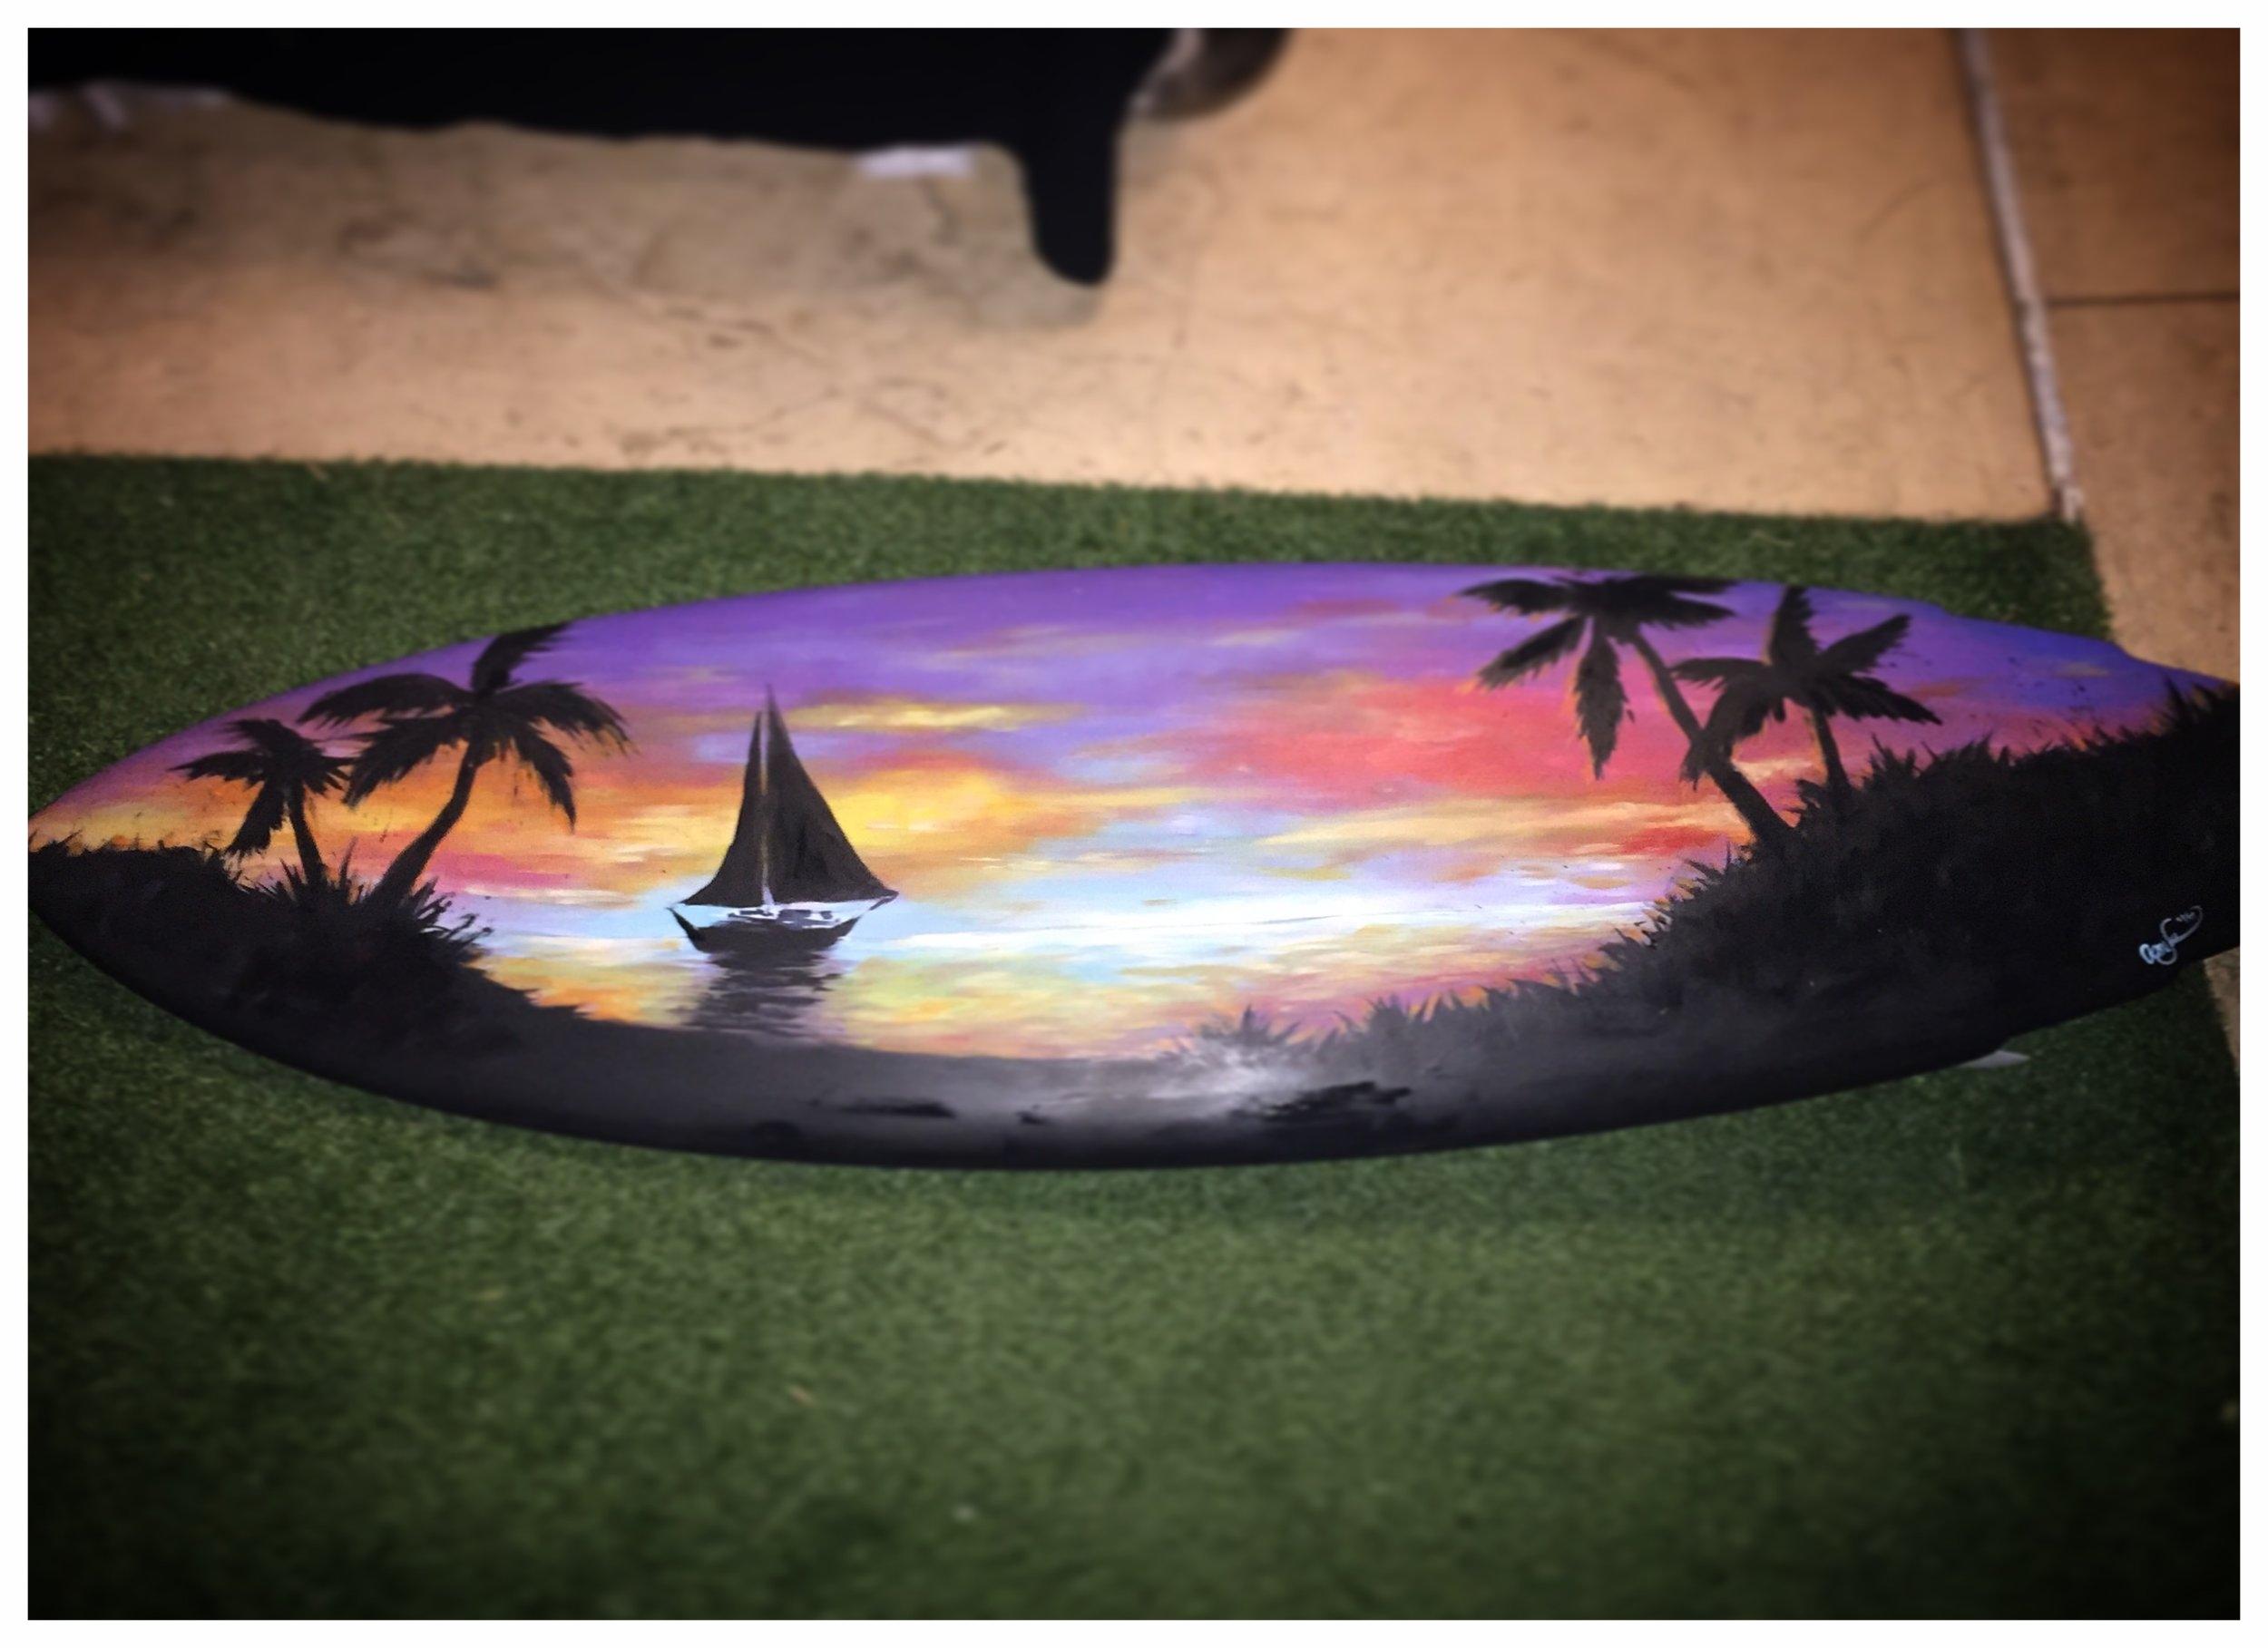 Acrylic on a Surfboard